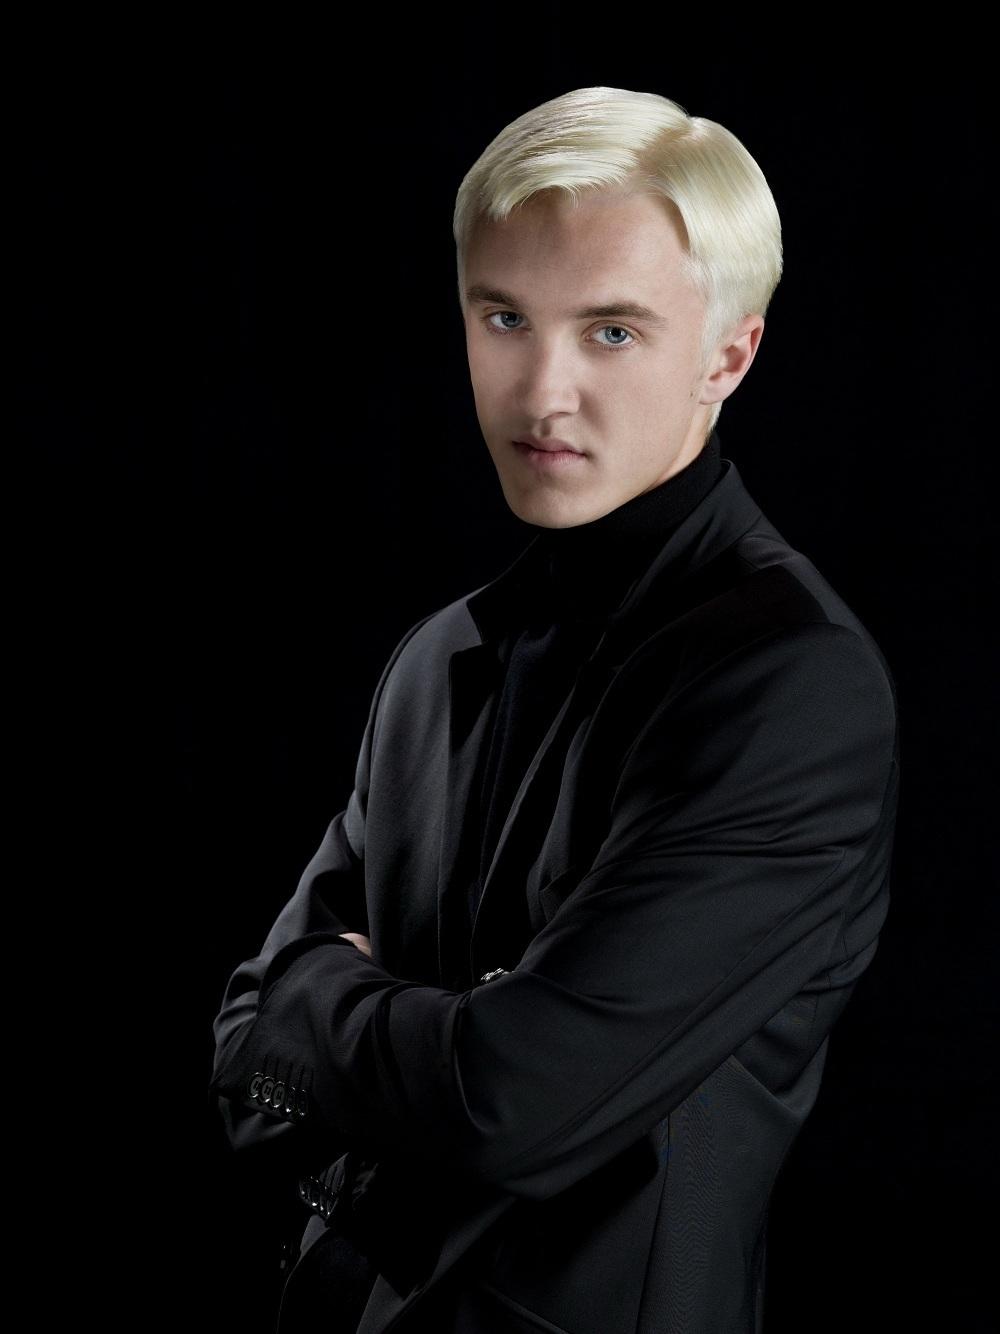 Draco Malfoy - Italian Harry Potter Wiki